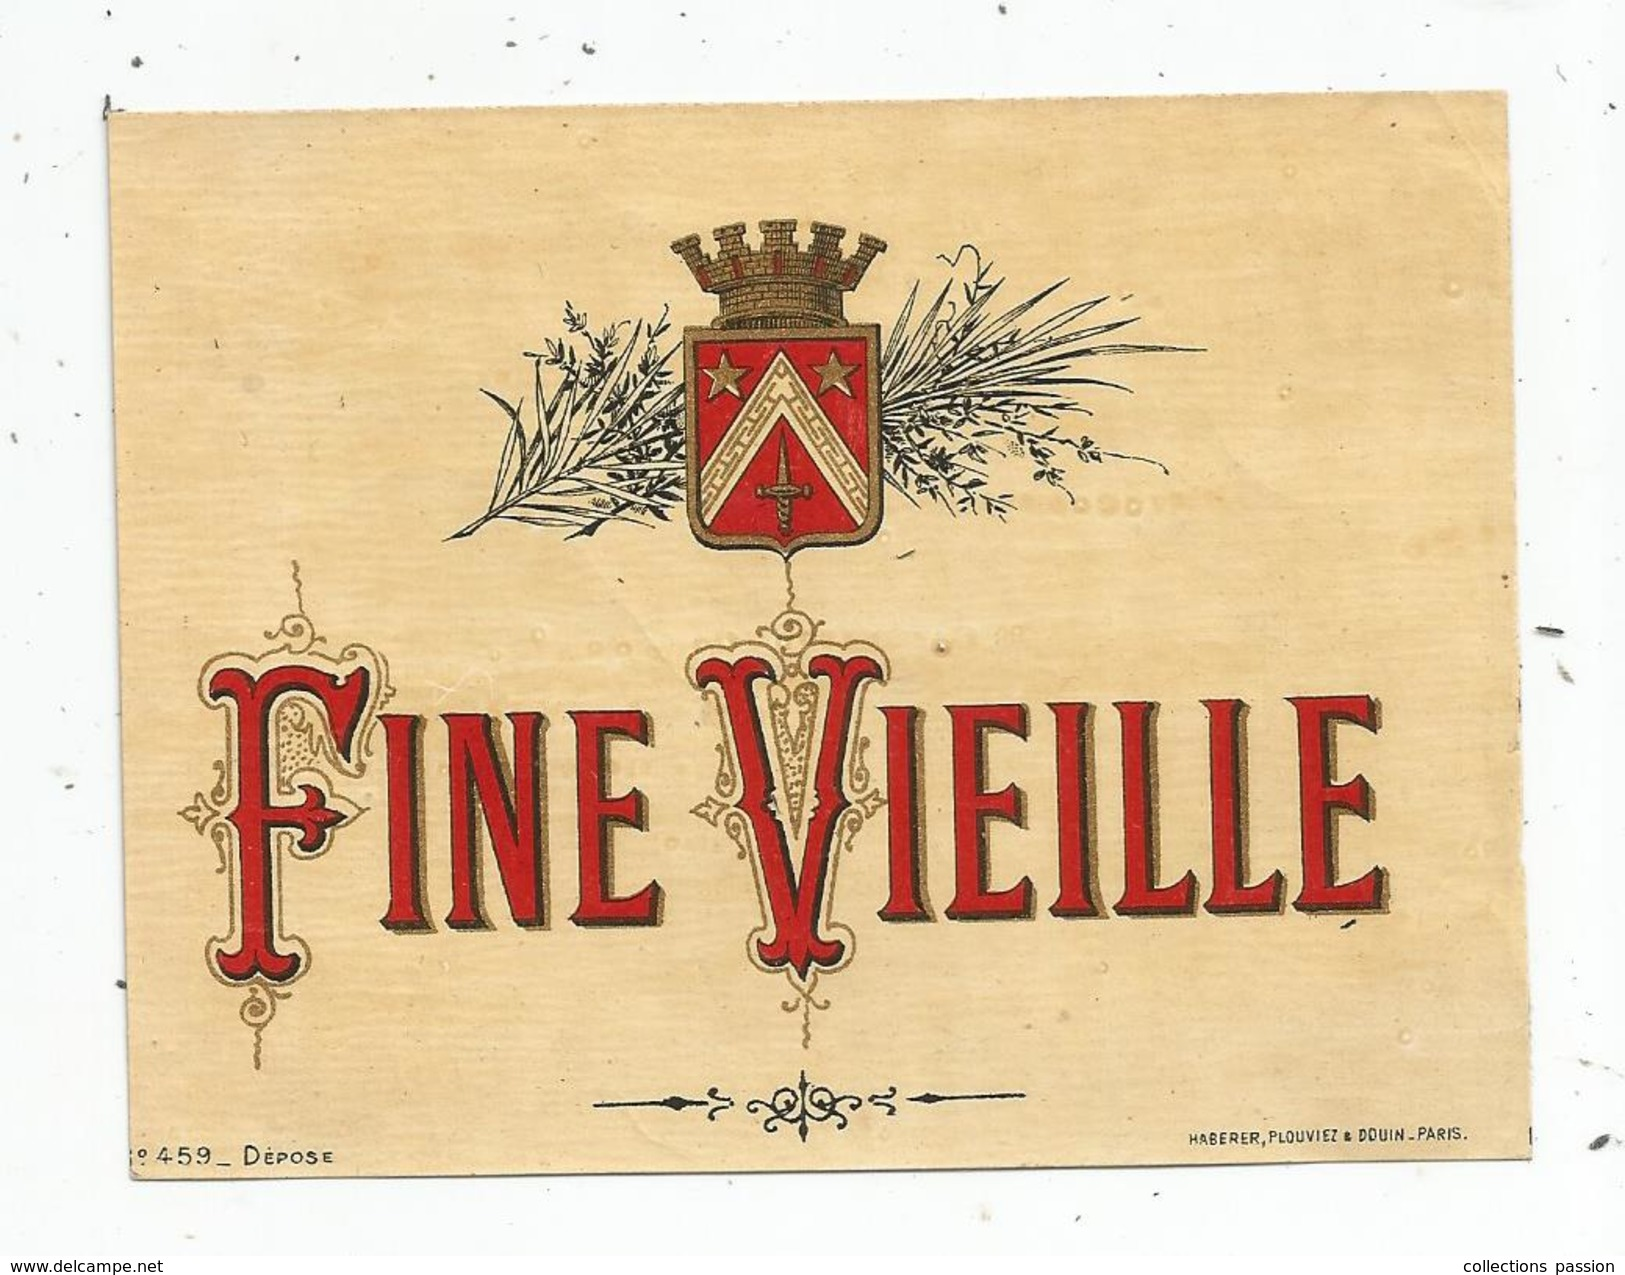 étiquette , FINE VIEILLE , Specimen N° 459 ,Haberer , Plouviez - Etiquettes